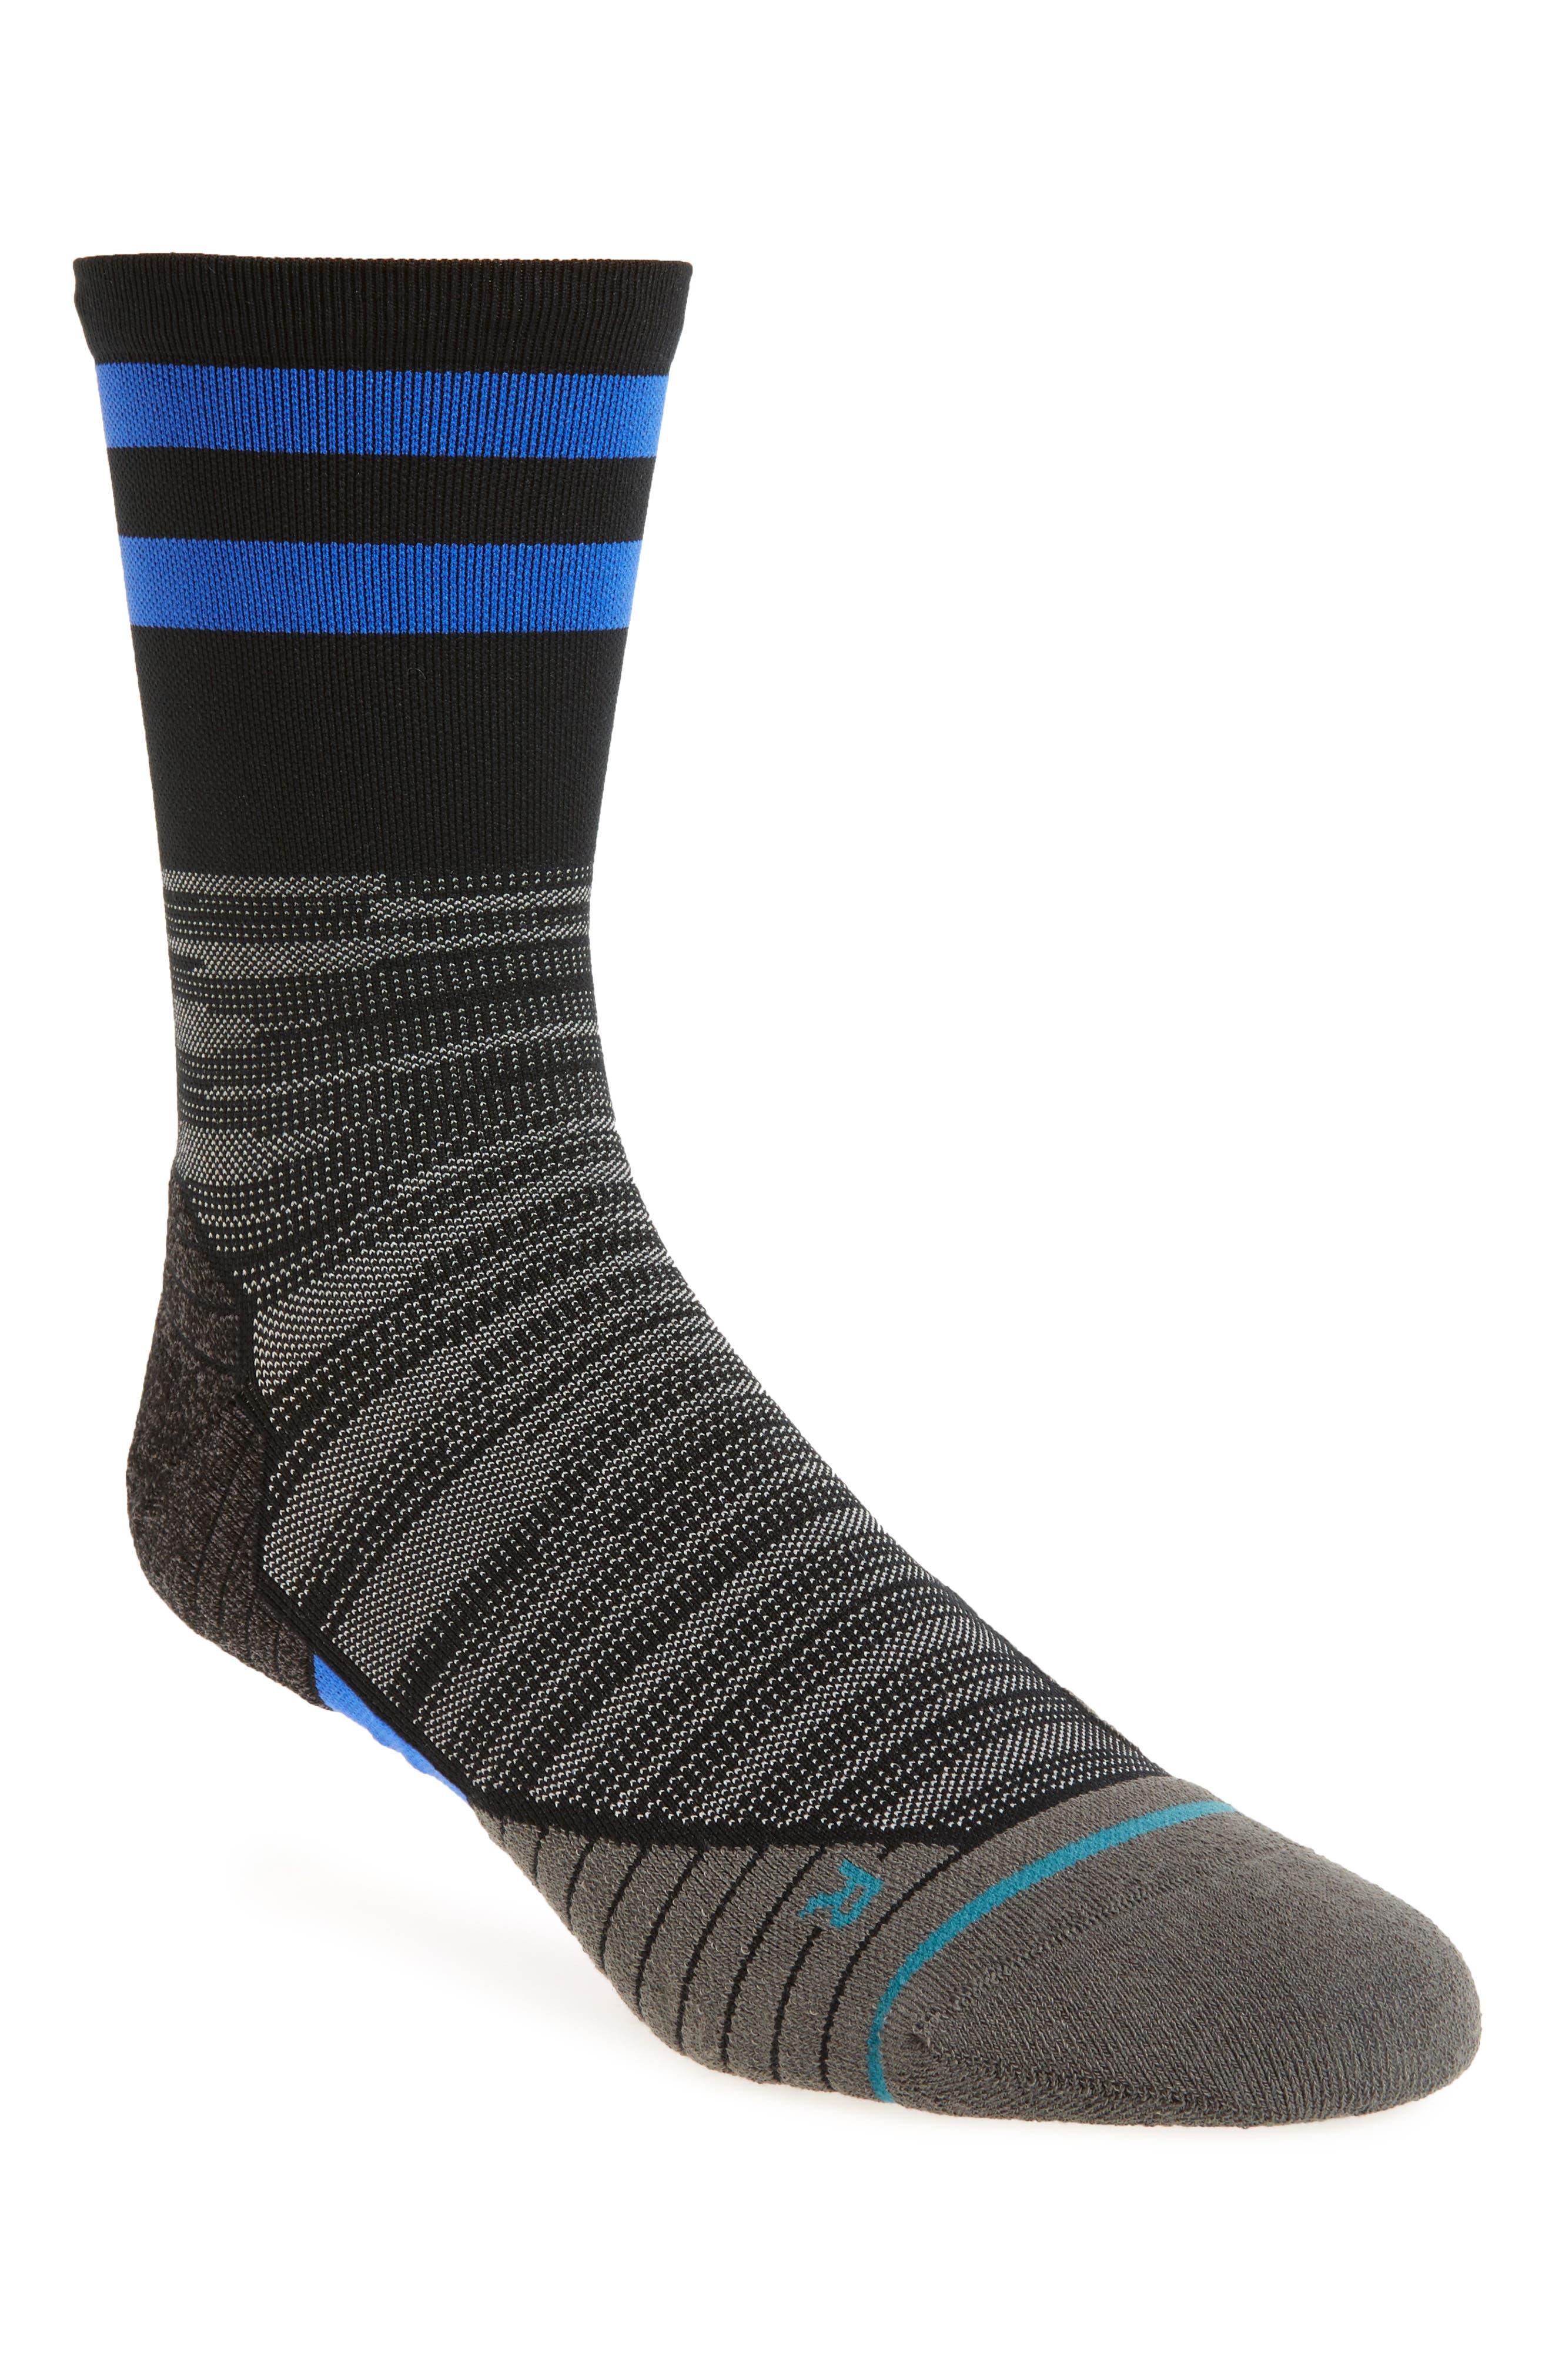 Uncommon Solids Crew Socks,                         Main,                         color, 001